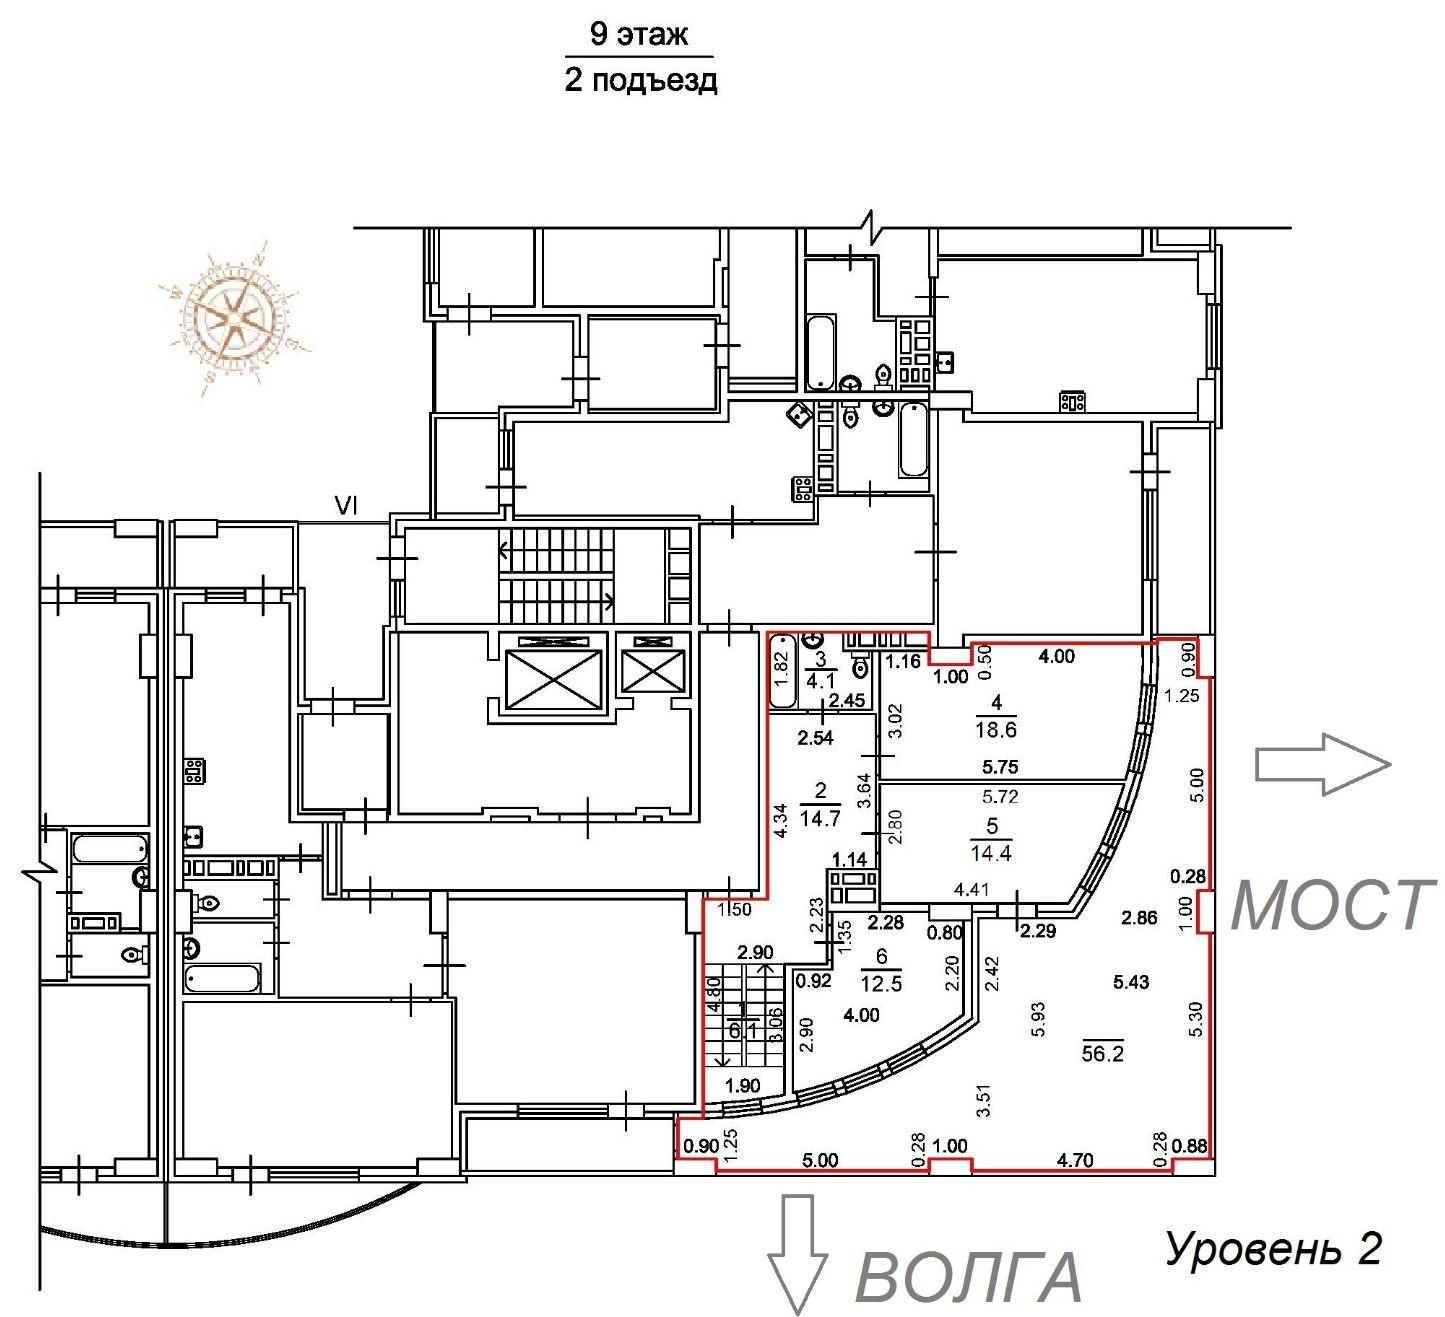 2-уровневая 4-комнатная квартира жк Столица новостройки Саратова 2 уровень